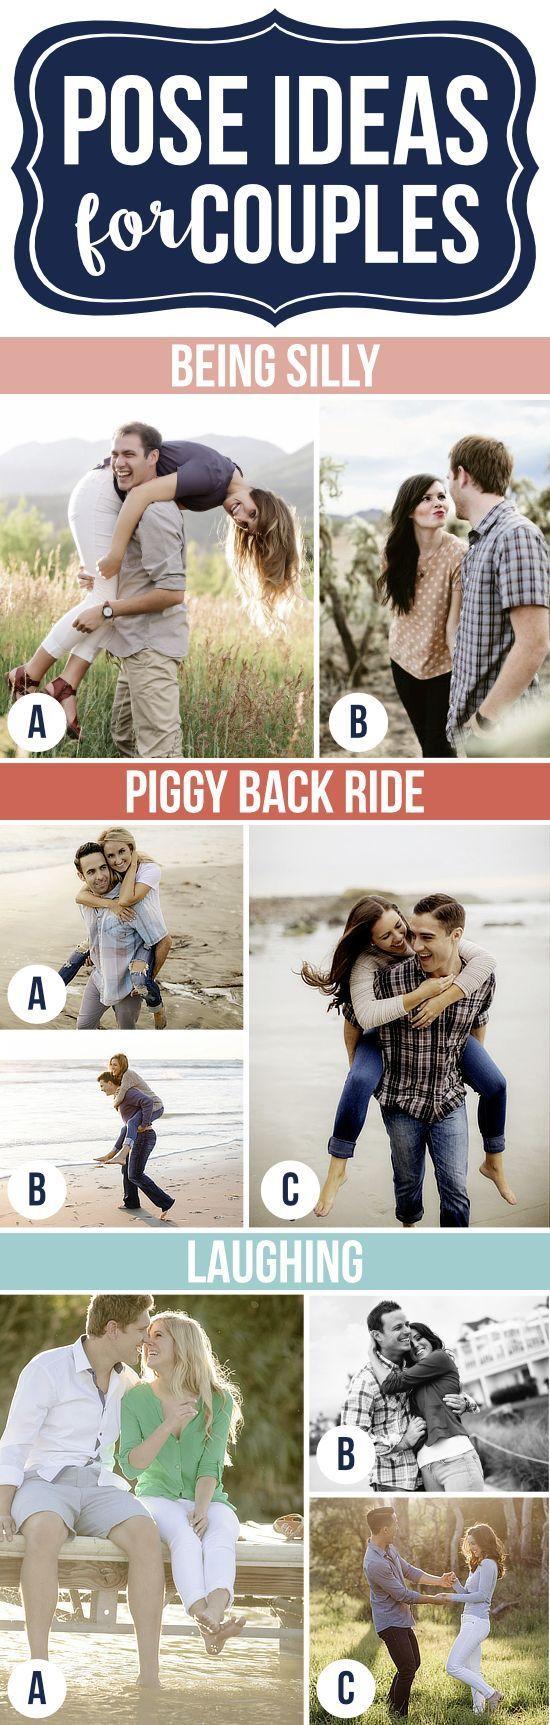 Fototipps und Ideen für Paare – #Fototipps #für #Ideen #Paare #photography